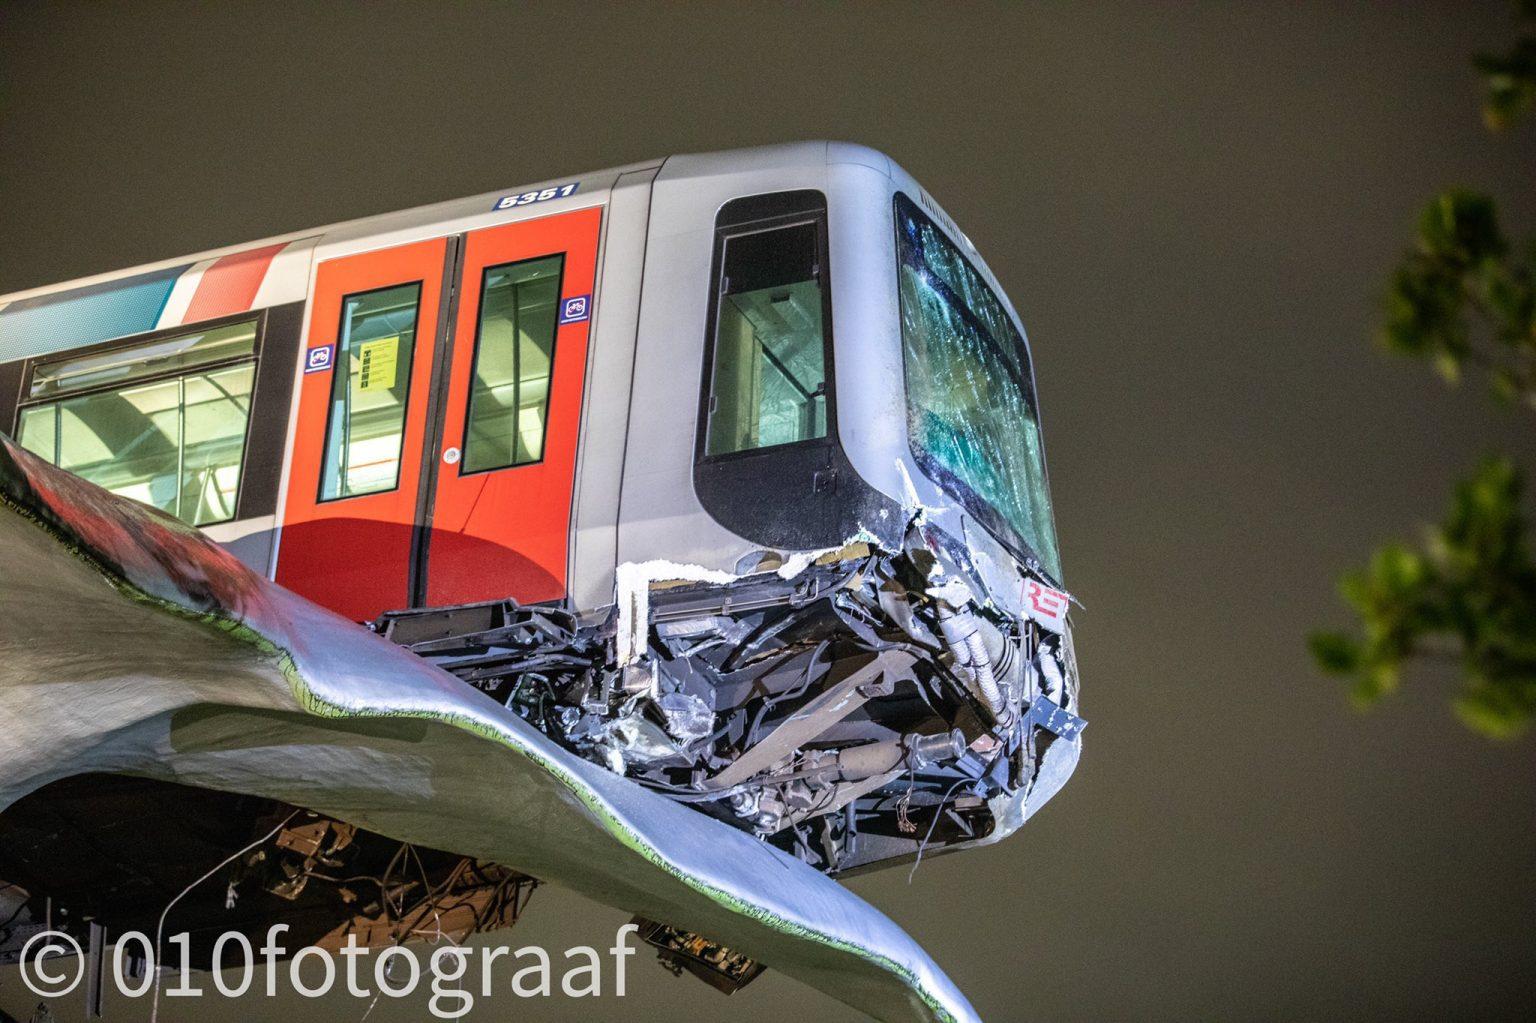 Escultura de baleia impediu queda de carruagem de metro com passageiros no interior na Holanda